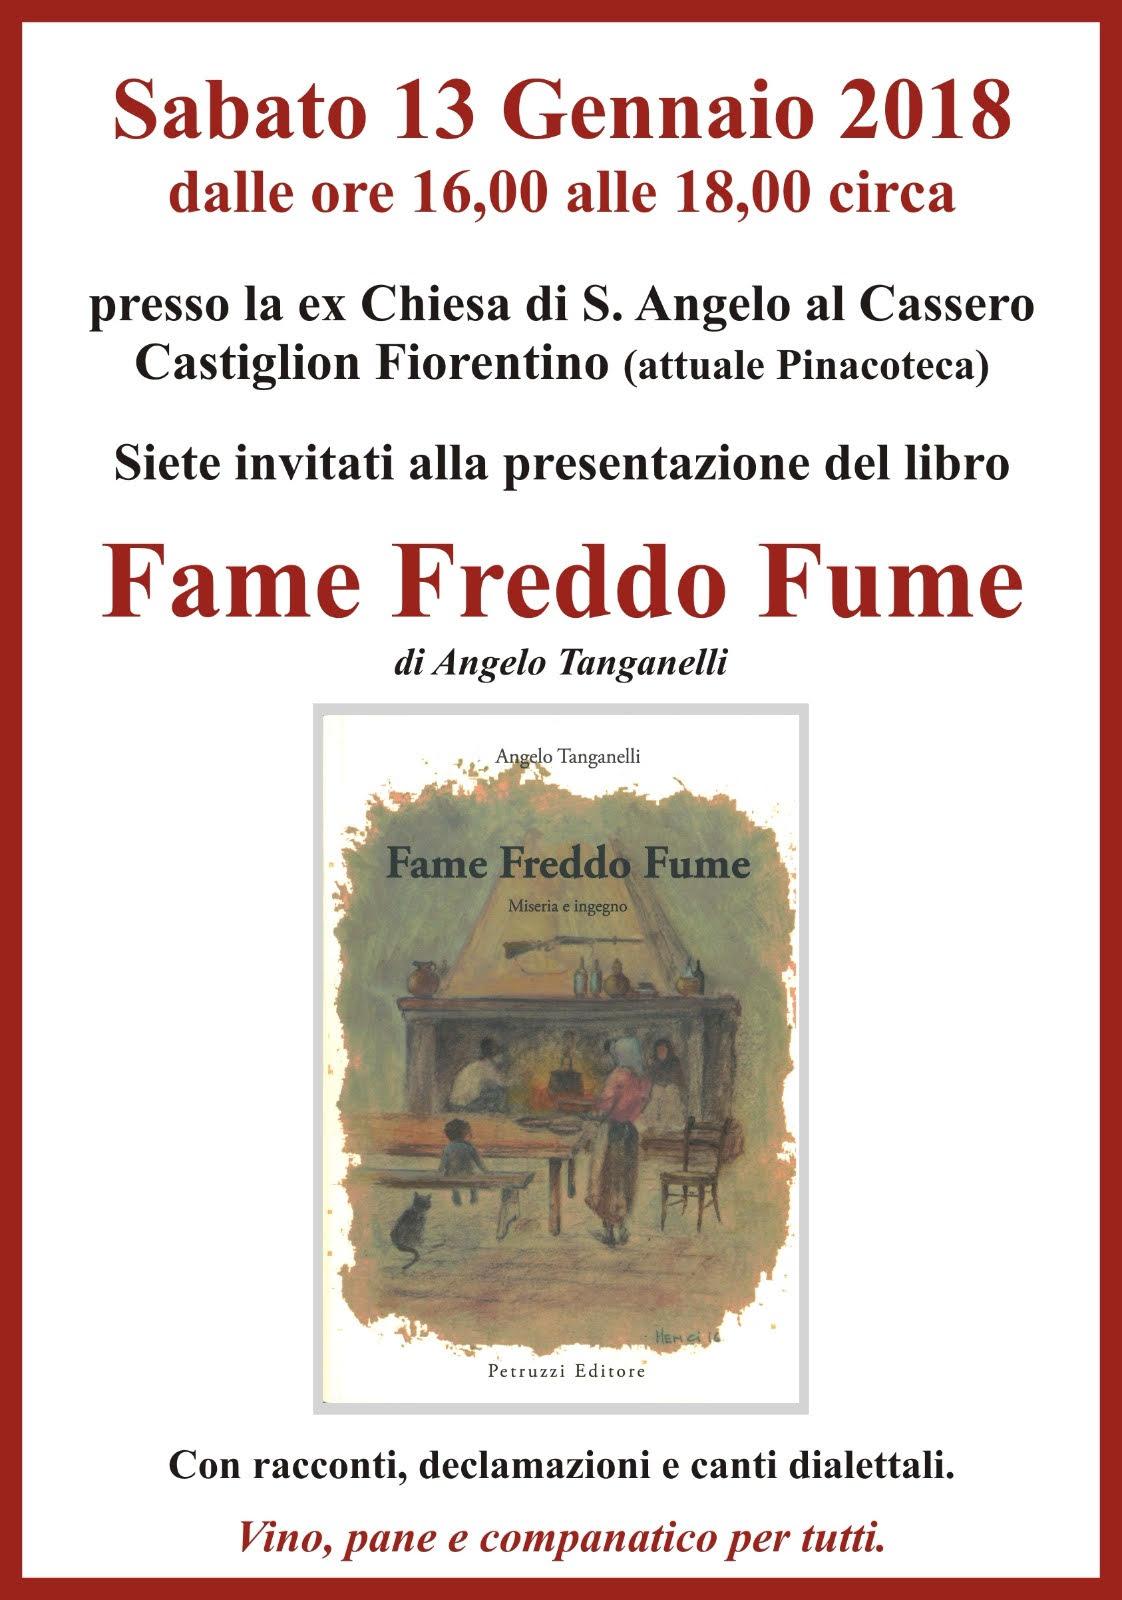 Fame freddo fume, presentazione del libro di Angelo Tanganelli a Castiglion Fiorentino